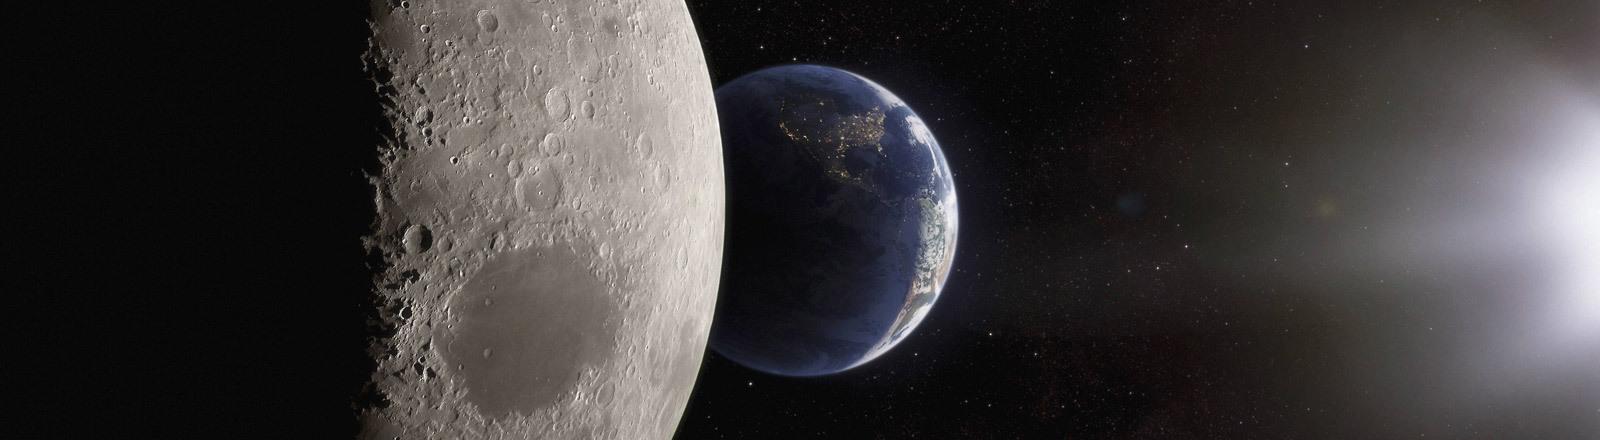 Die  Erde aus dem Weltall fotografiert.